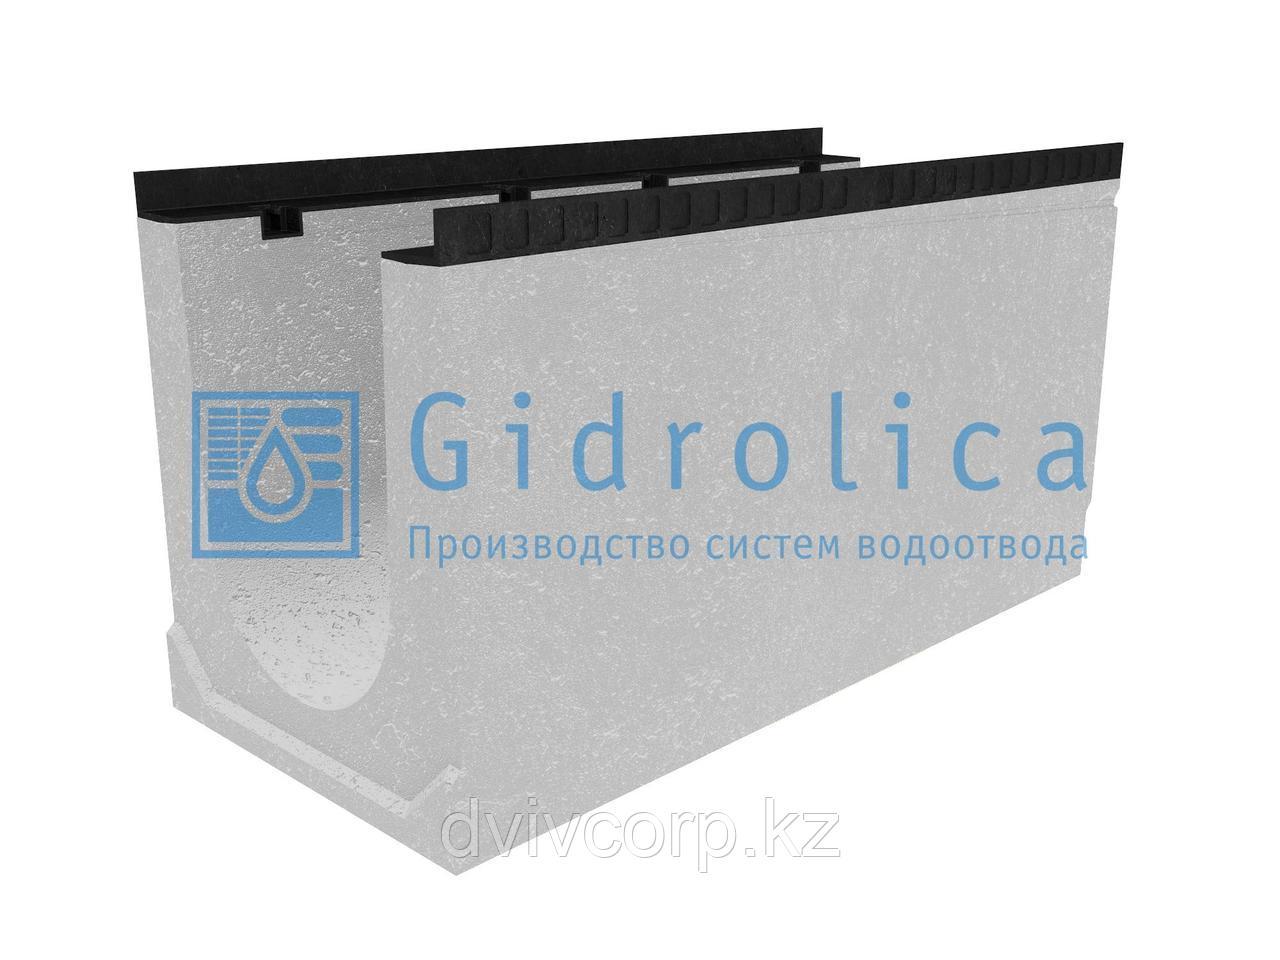 Лоток водоотводный бетонный коробчатый (СО-300мм), с уклоном 0,5%  КUу 100.44(30).53,5(46,5) -BGМ, № 17